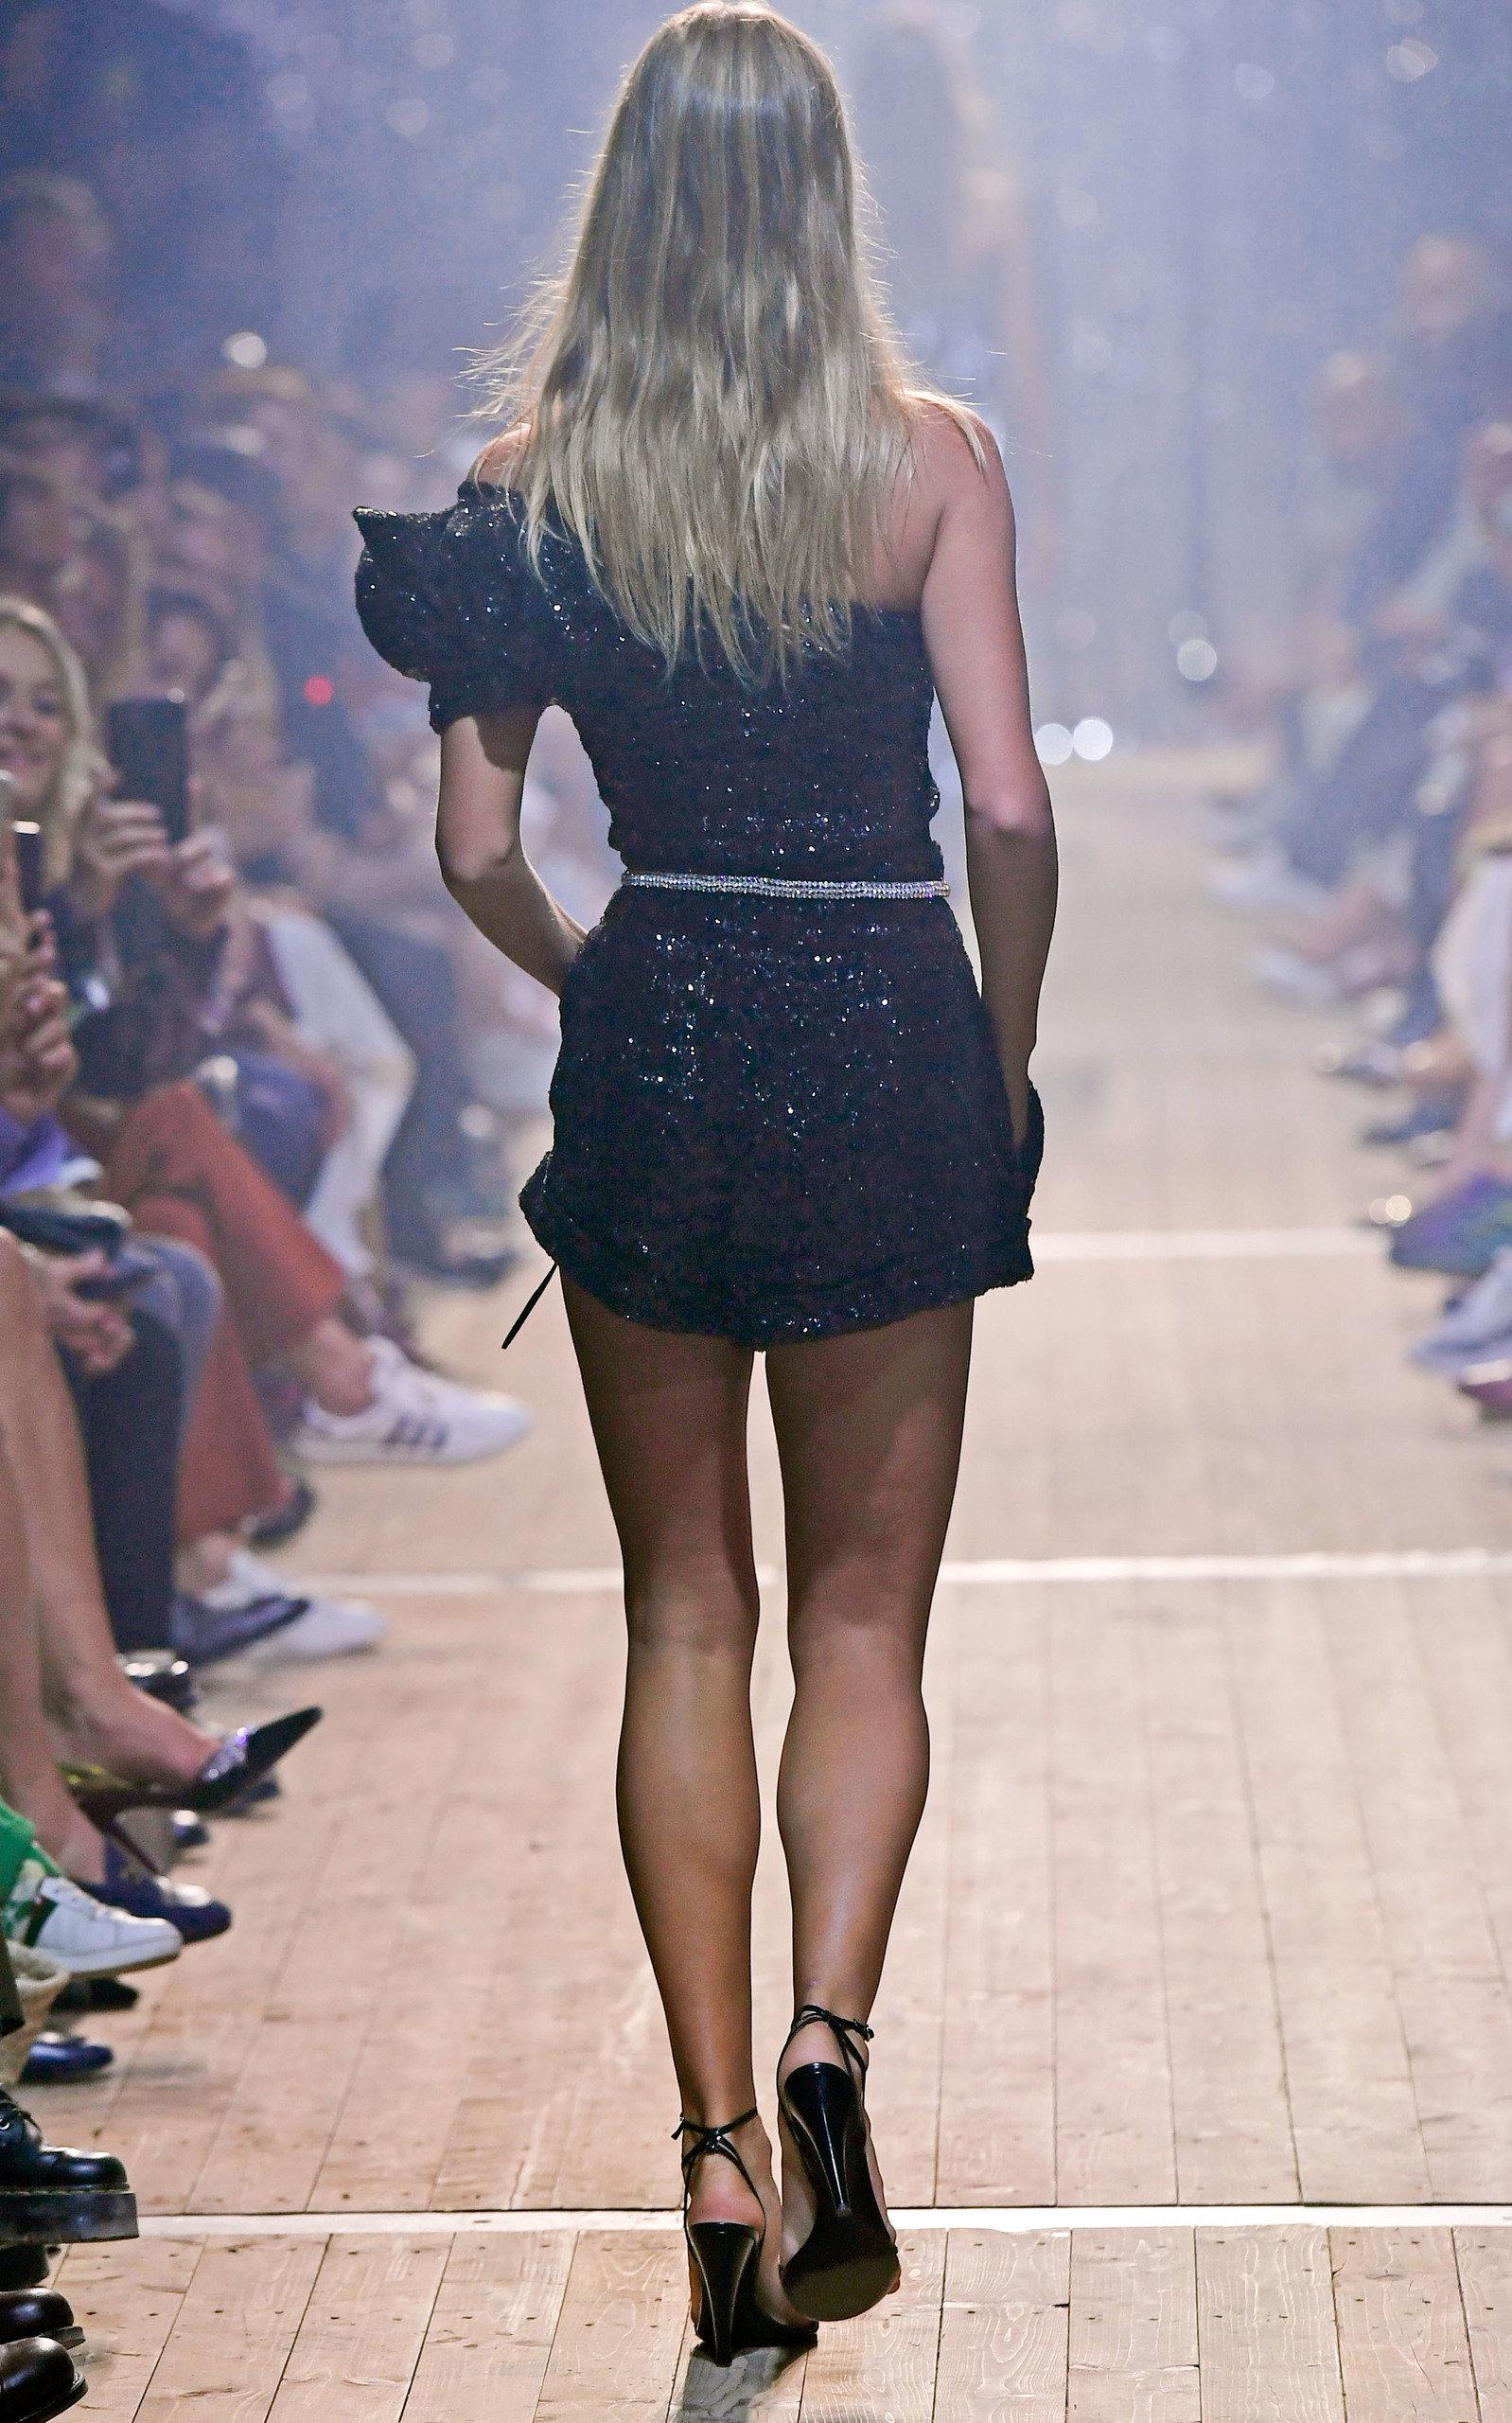 ed7ceded8298d6 Isabel MarantOcha One-Shoulder Sequin Top. CLOSE. Loading. Loading.  Loading. Loading